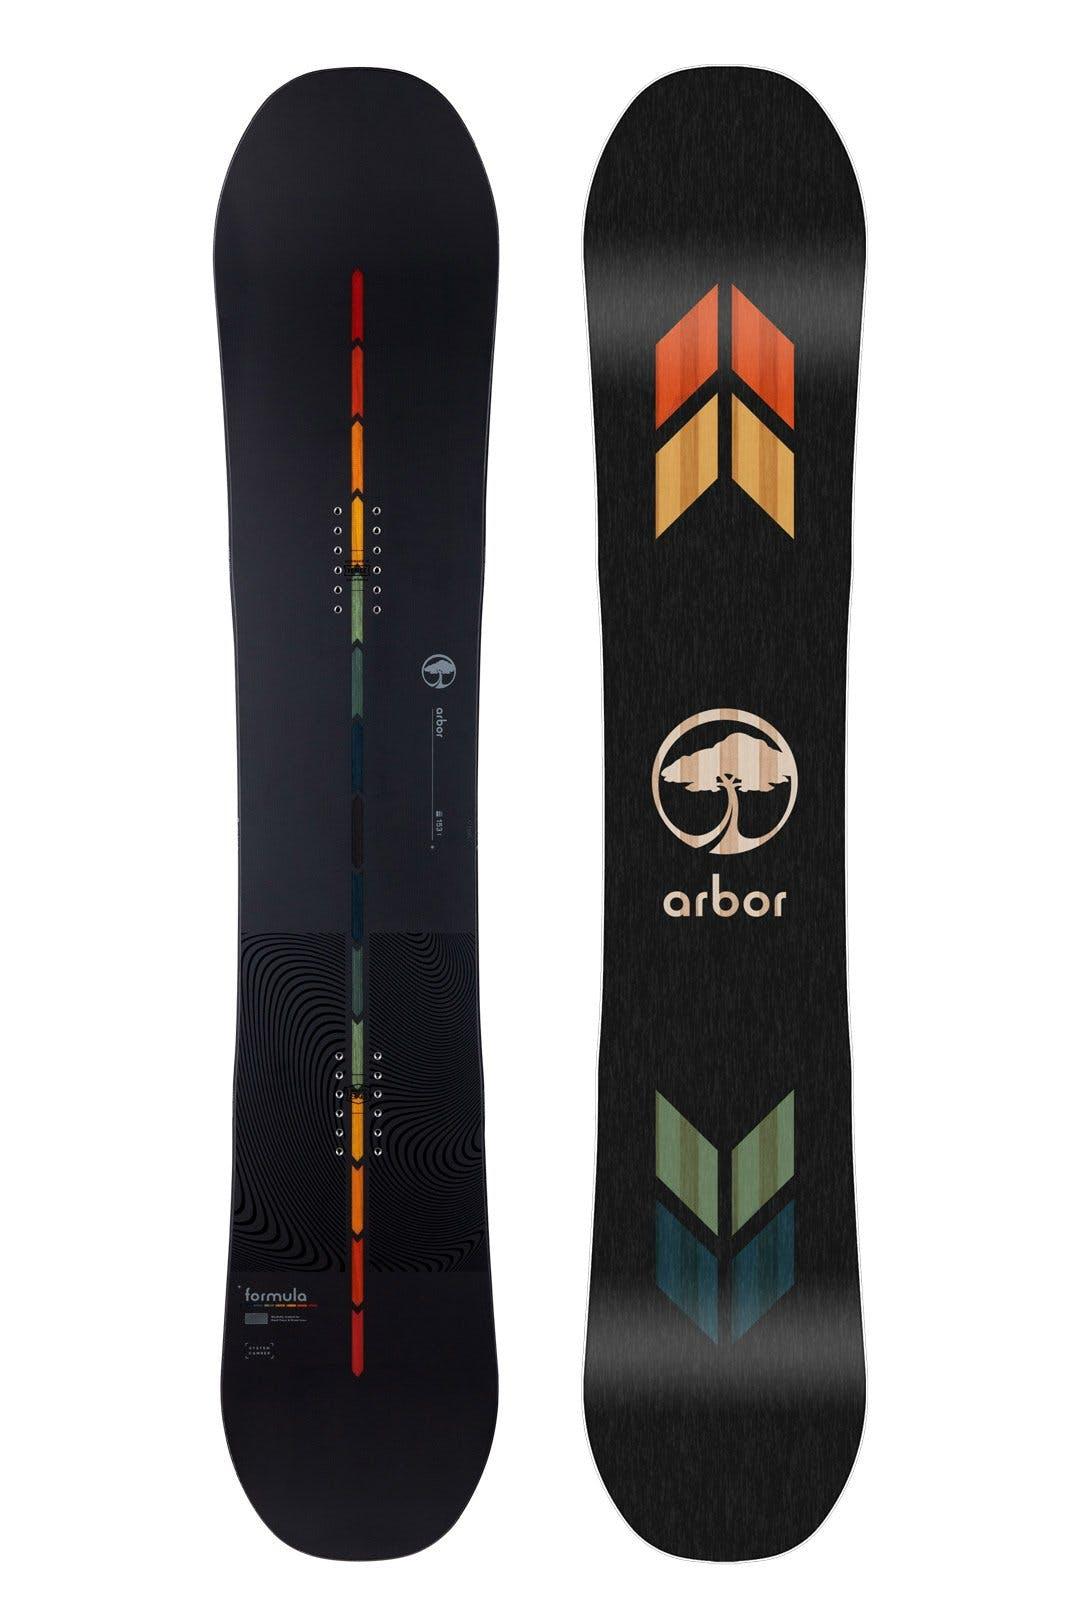 Arbor Formula Rocker Snowboard · 2022